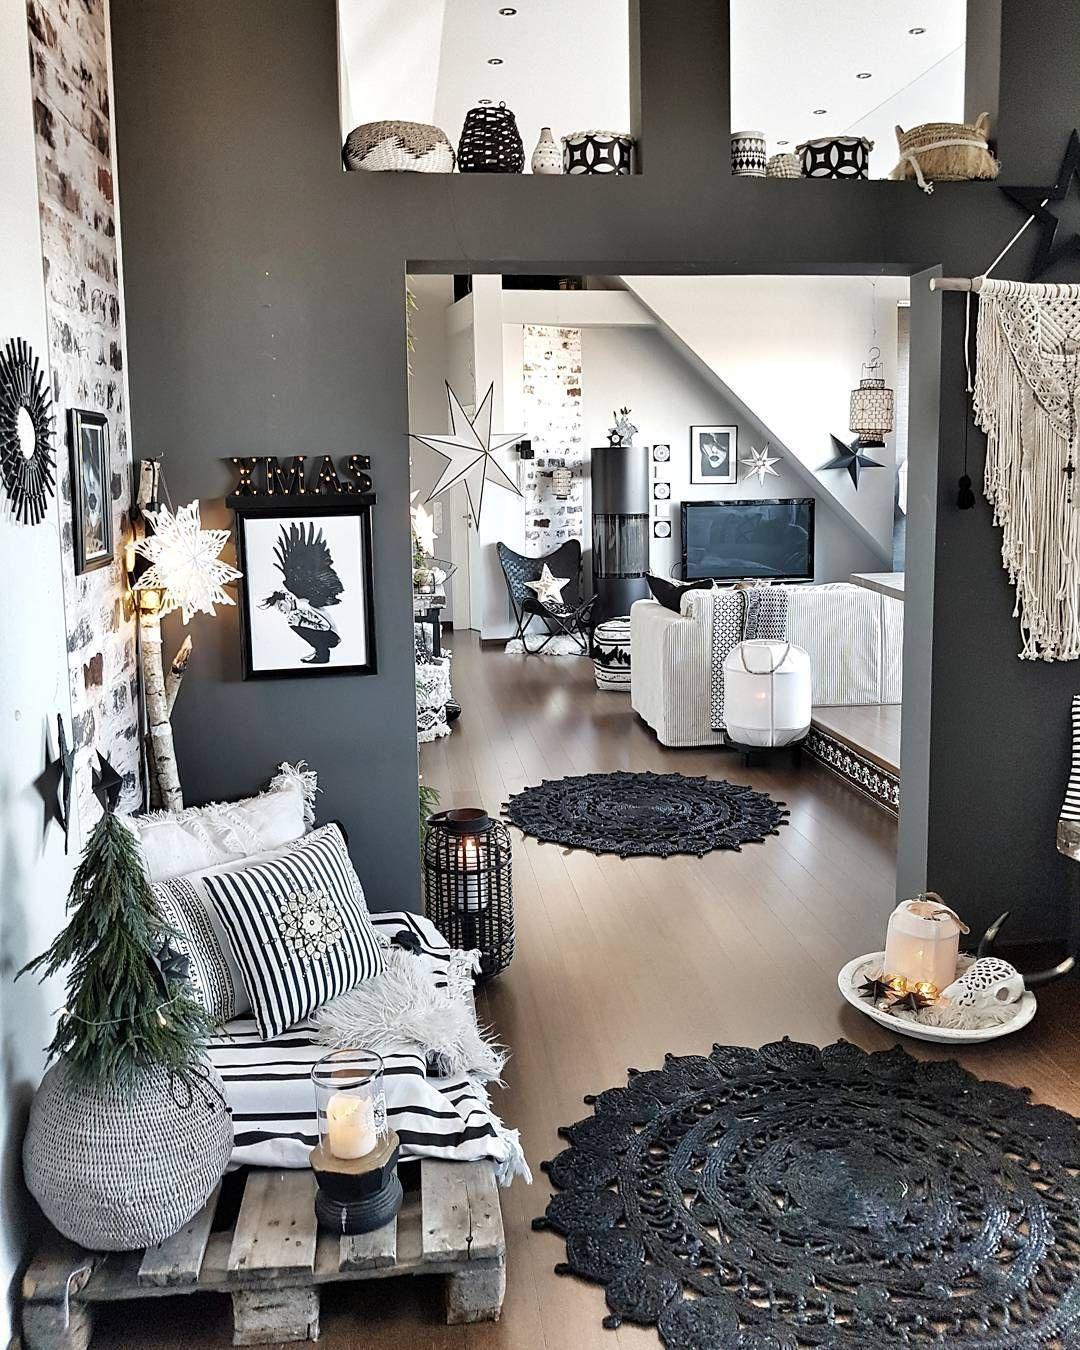 Une déco ardoise et blanche aux objets style bohème livingroom livingroomdecor livingroomideas salon brique bois cocooning chaleureux scandinave